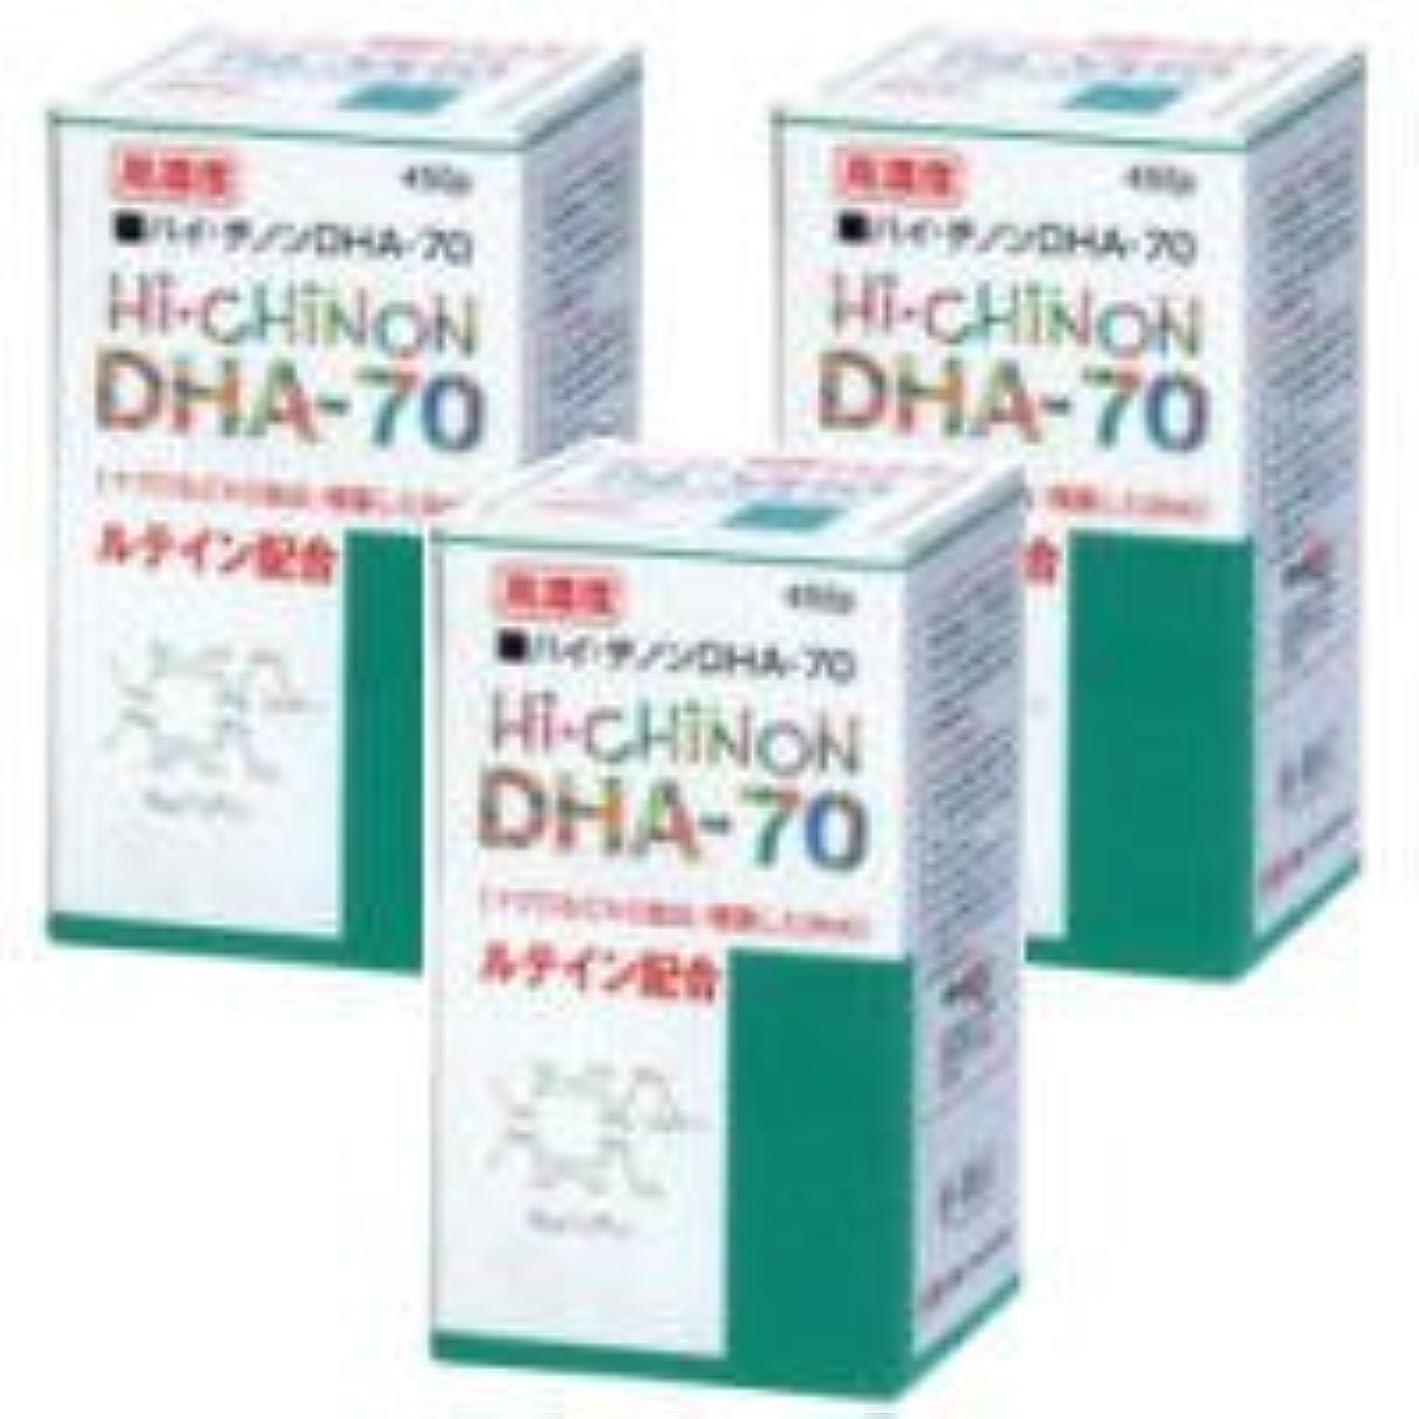 うるさい信頼性のある等価ハイ・チノンDHA-70(120粒)・3個